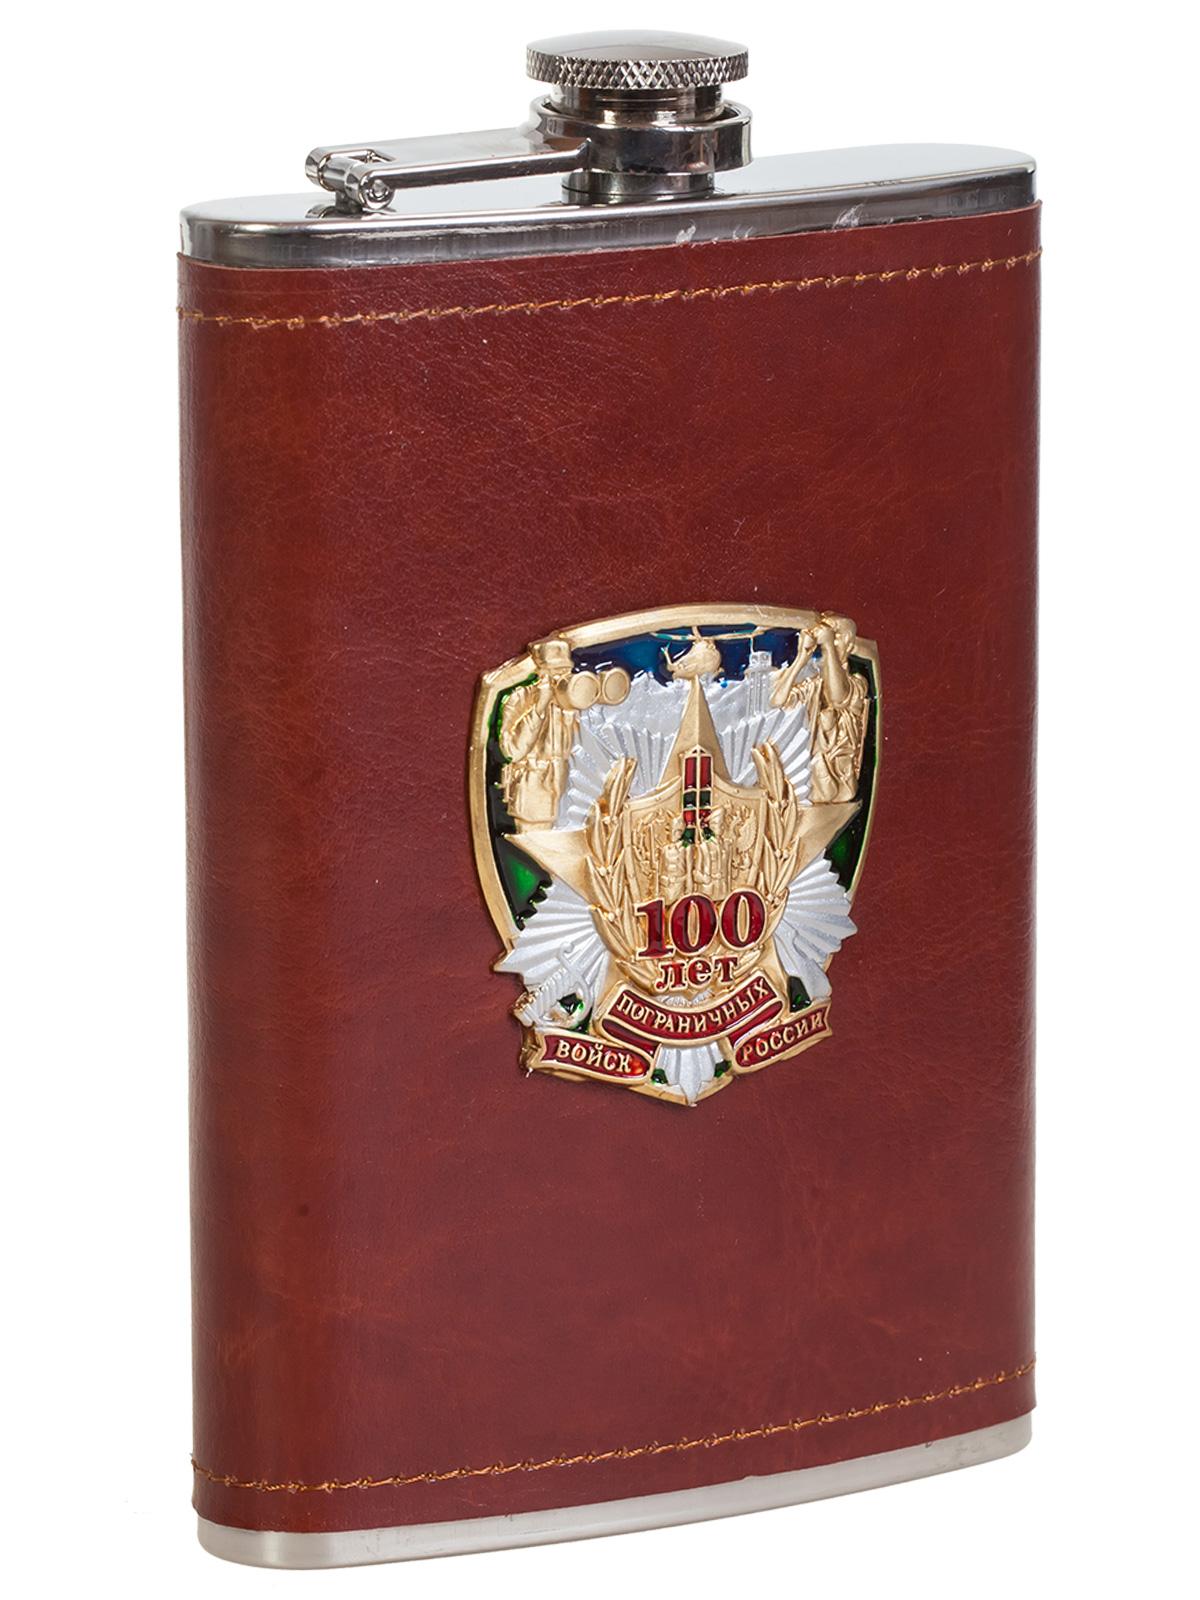 Купить карманную фляжку в кожаном чехле с накладкой 100 лет Погранвойскам оптом или в розницу